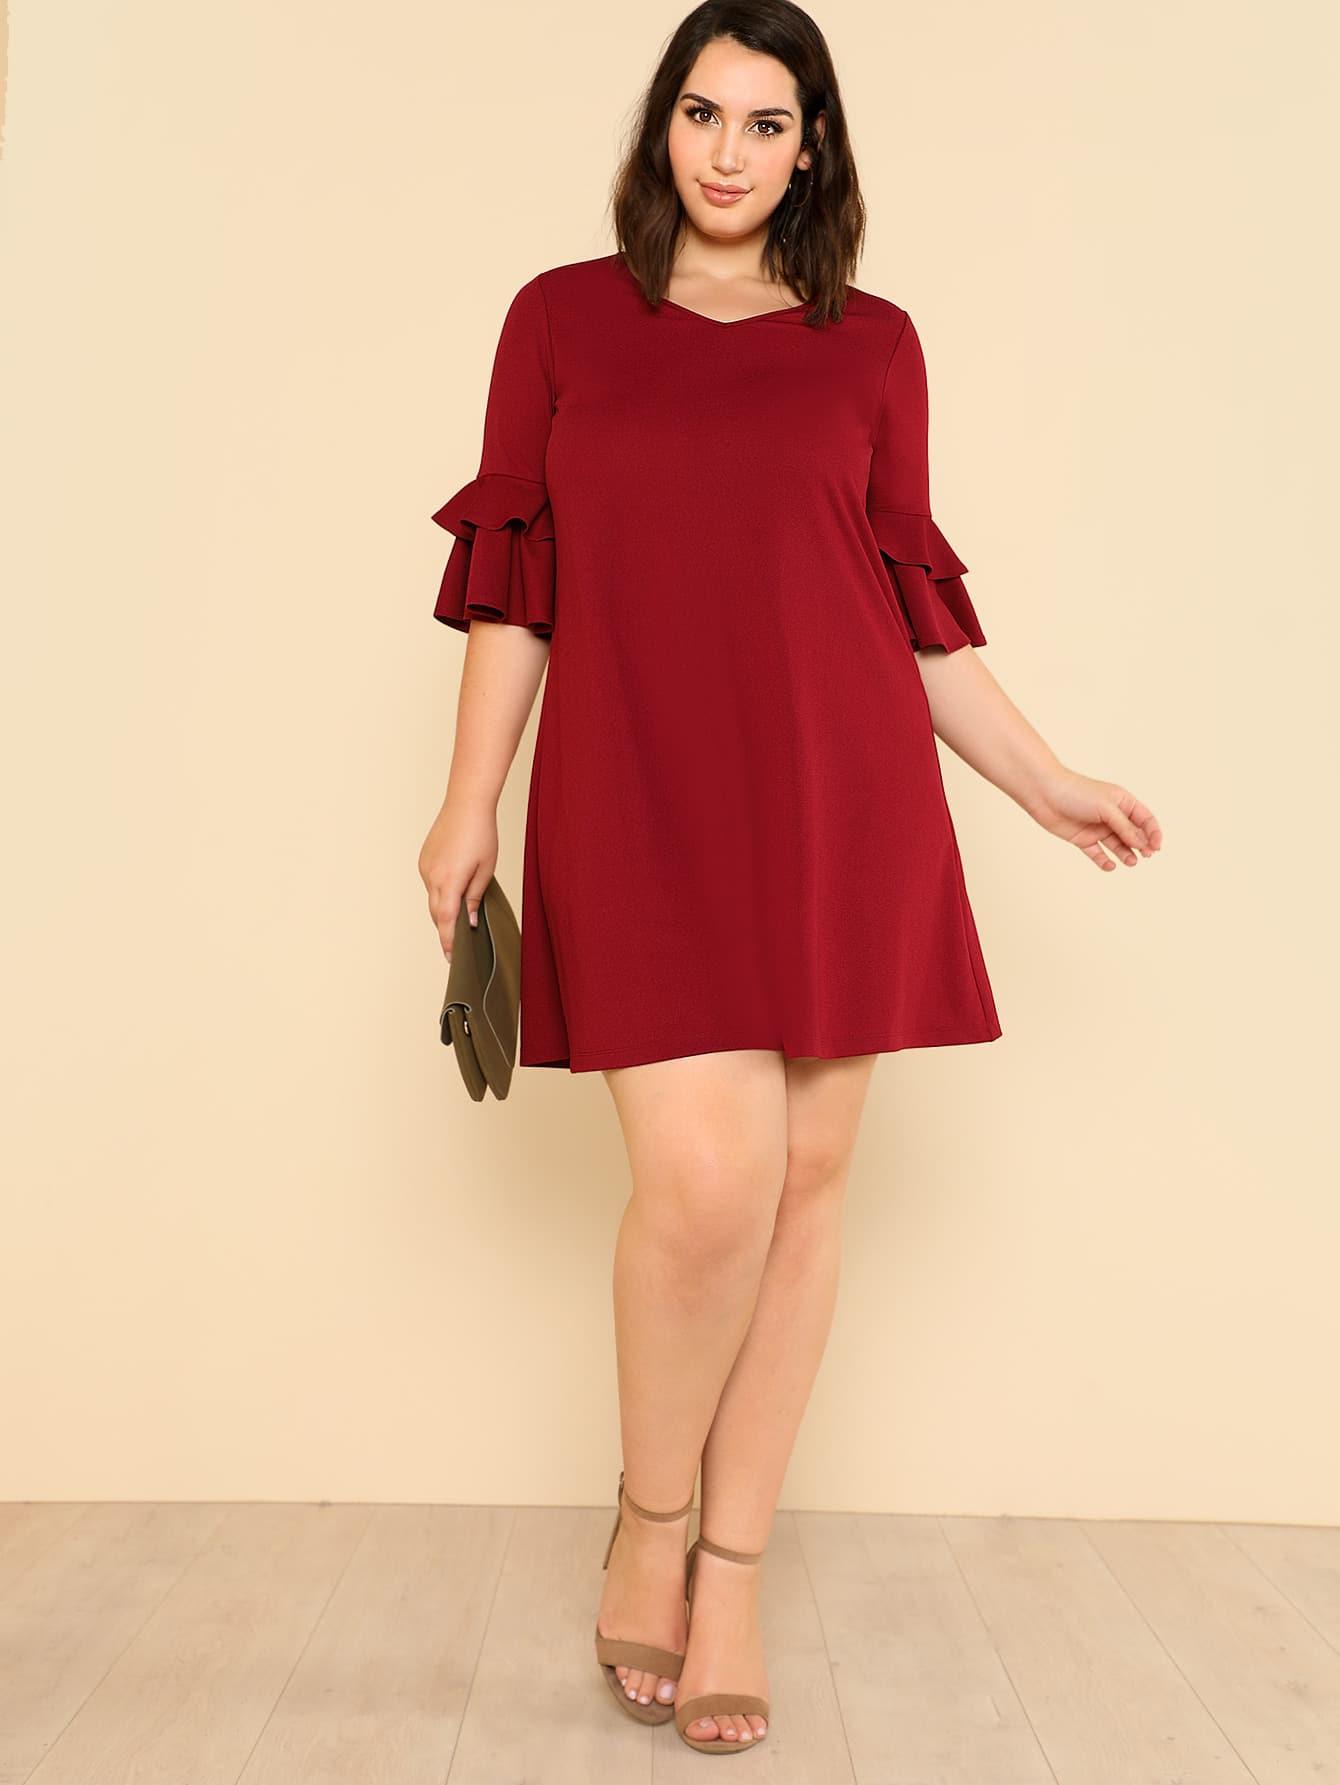 Flounce Sleeve Solid Swing Dress long sleeve solid swing dress